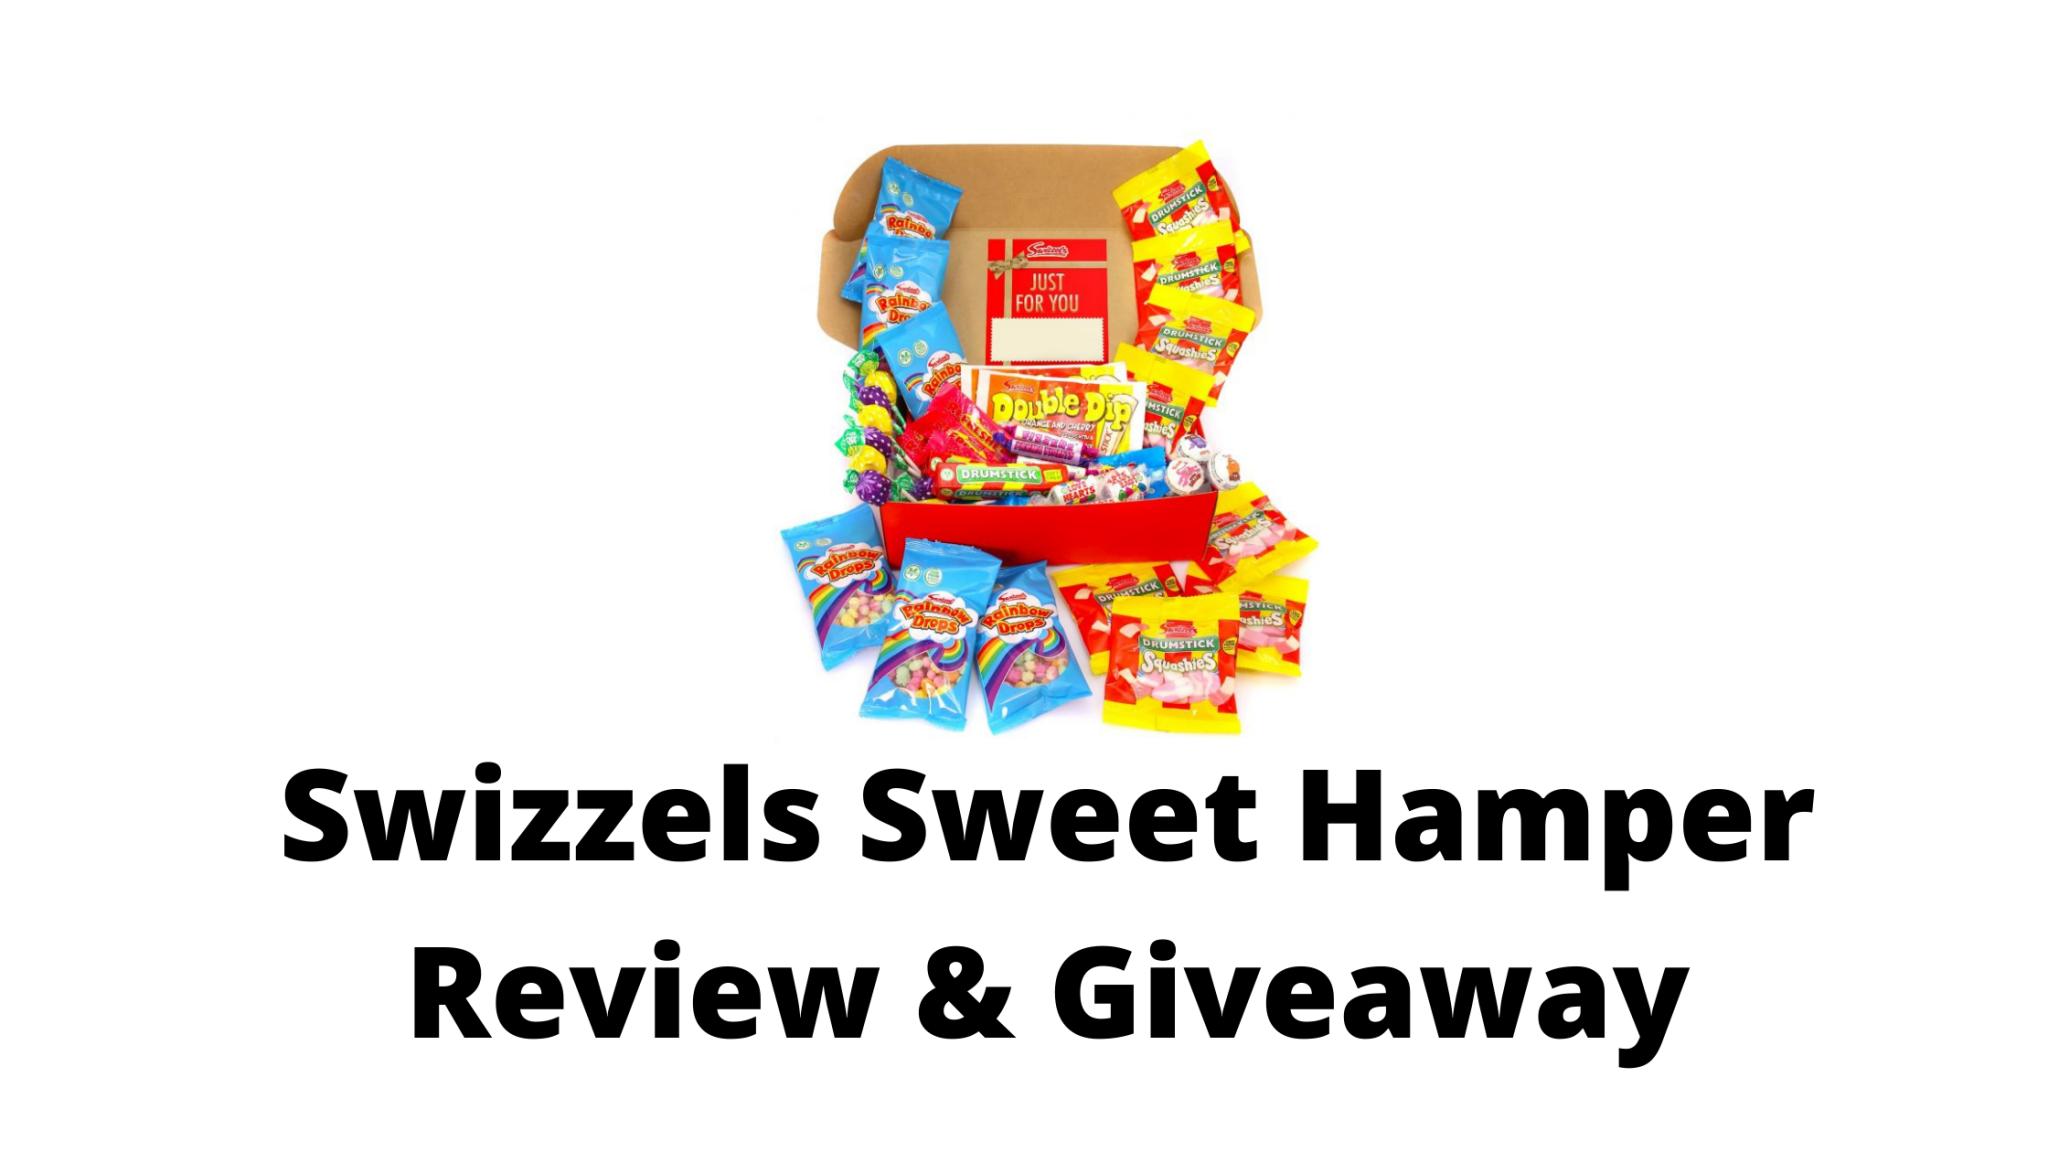 Swizzels Sweet Hamper Review & Giveaway